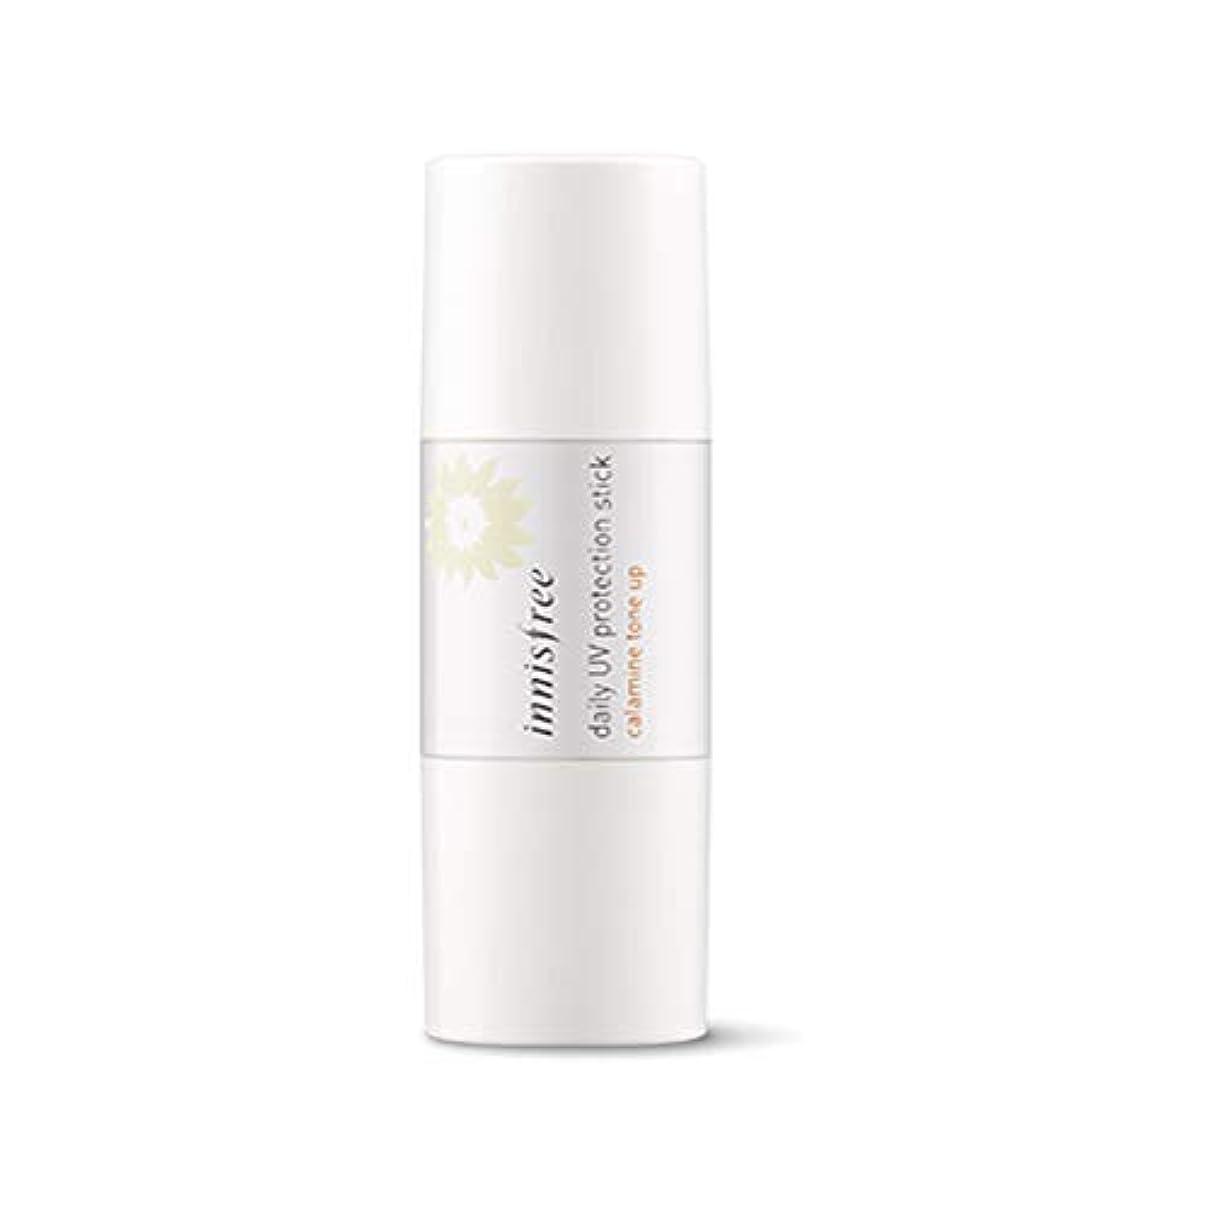 ステンレス名前手首イニスフリー日焼け止めスラスタカラミントーンアップSPF50 + PA +++ 8g【ブラシ付】 Innisfree daily UV protection stick calamine tone up SPF50 +...